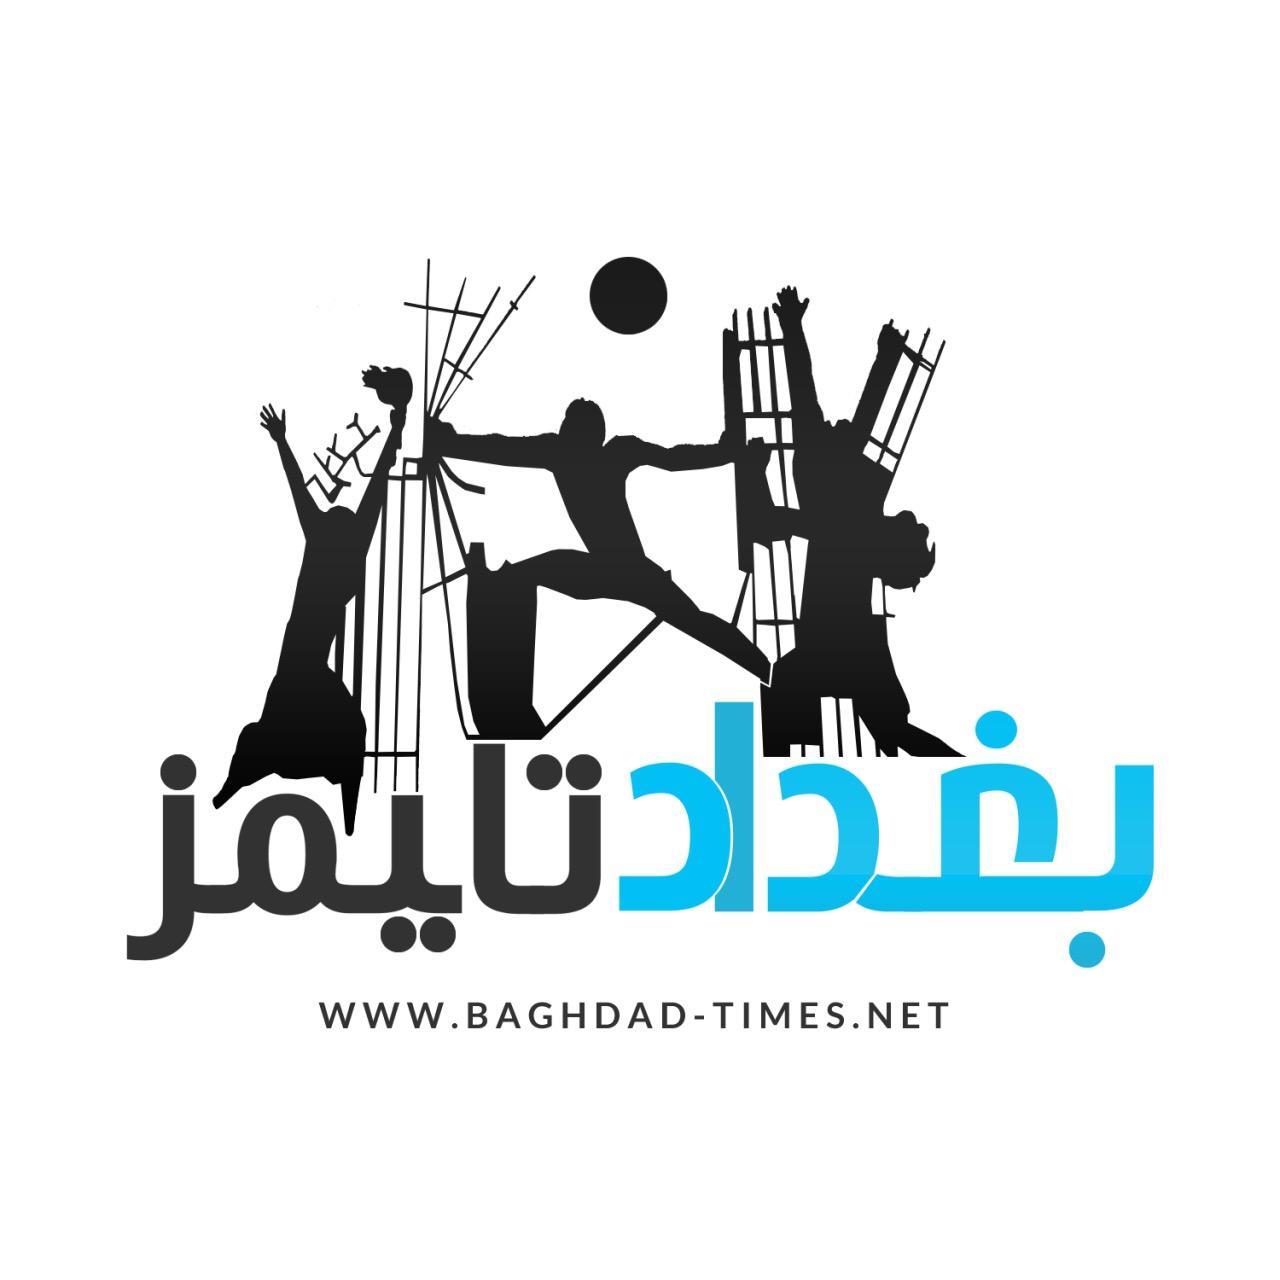 مجلس الوحدة الاعلامية العربية يعلن عن اسماء الفائزين بجائزة الهيثم للإعلام وبغداد تايمز تحصل على القلادة الذهبية بهذا التكريم